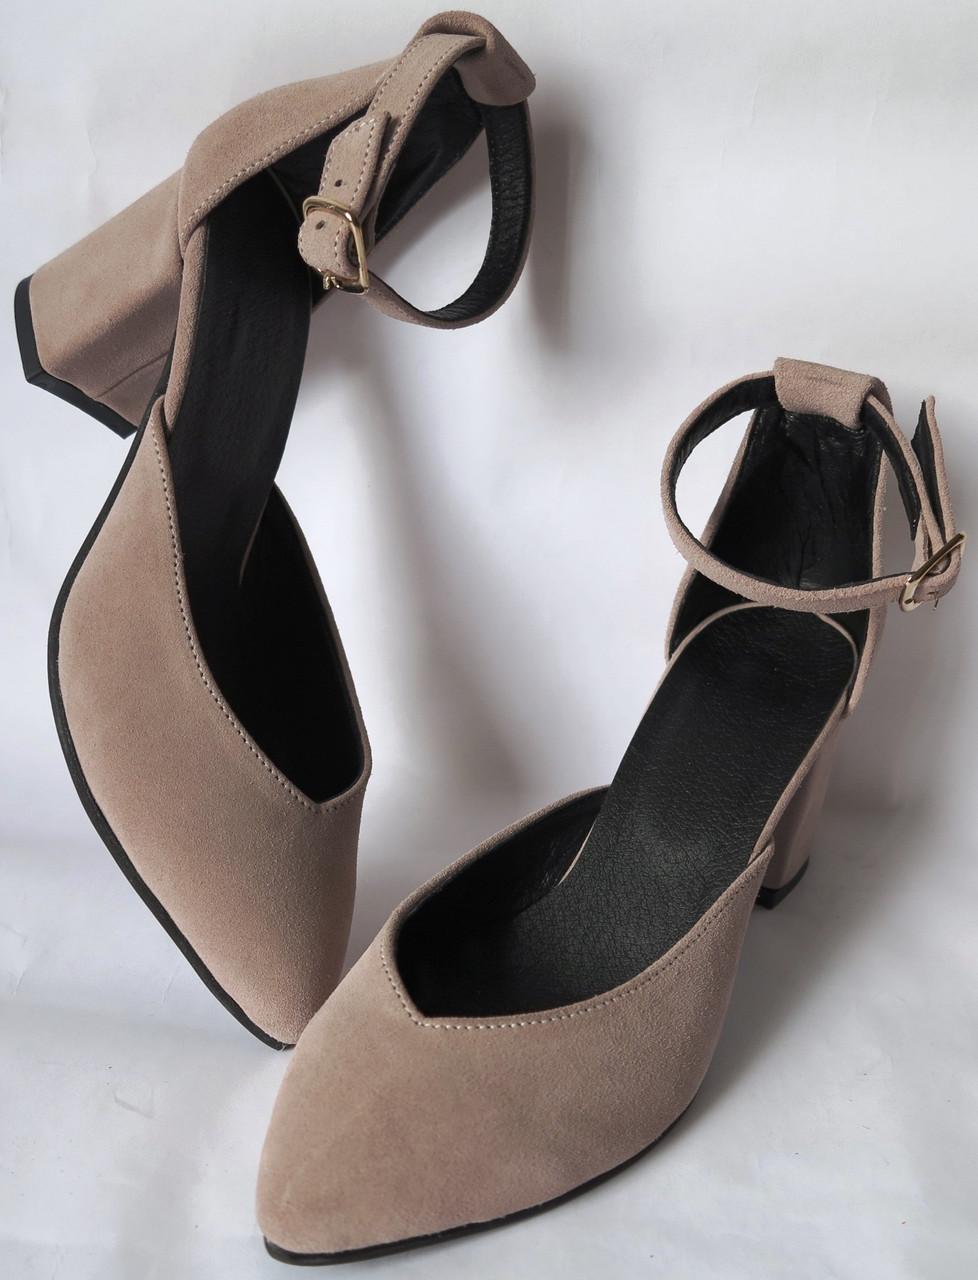 Комфортные туфли Limoda из натуральной замша босоножки на каблуке 6 см очень красивые цвет латте